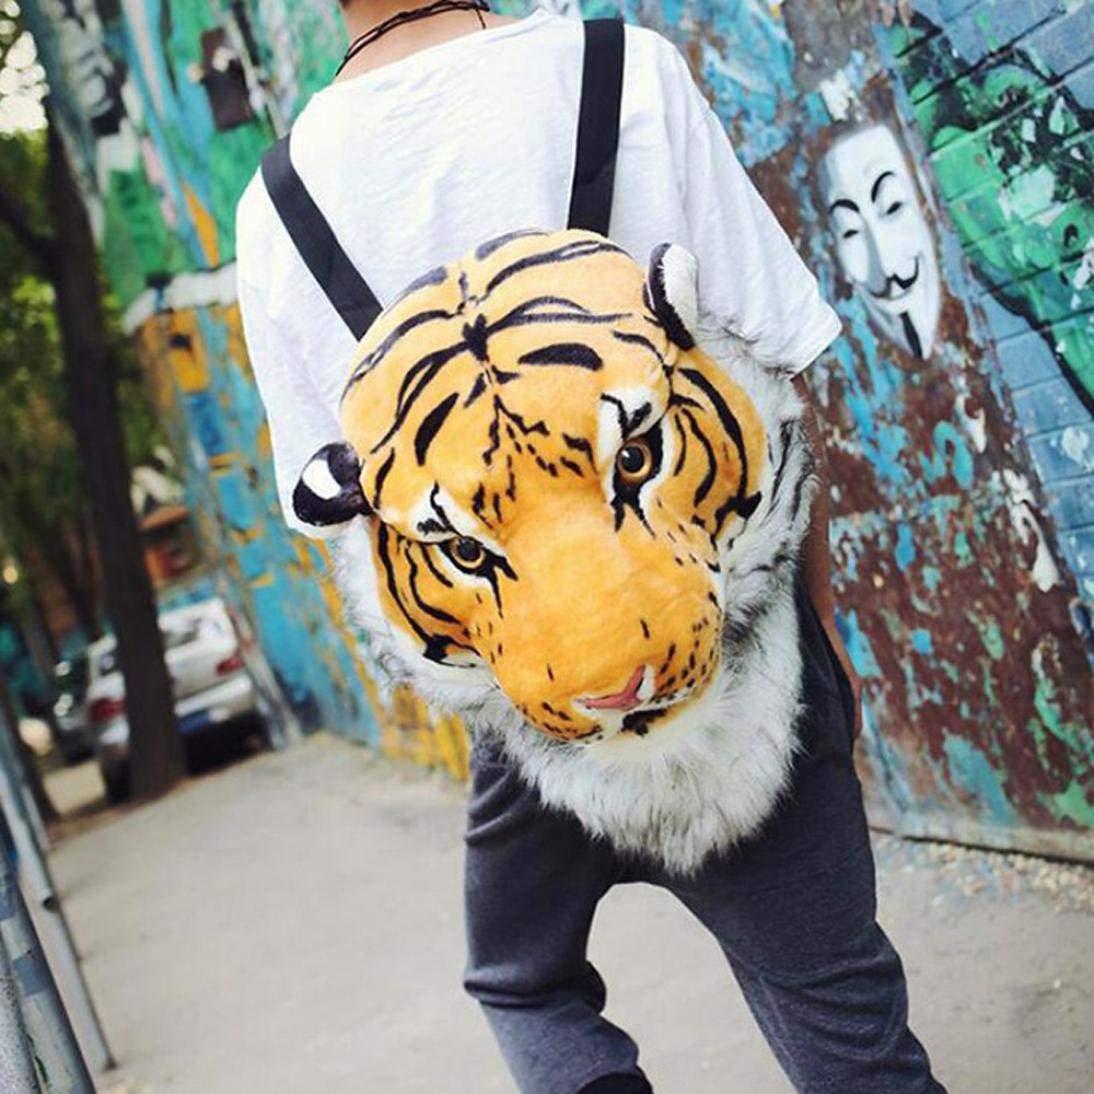 面白い子供用スクールバッグ 3Dアニマルヘッド ジッパーダブルショルダーバッグ バックパック 9  タイガー B07GGYH7GY